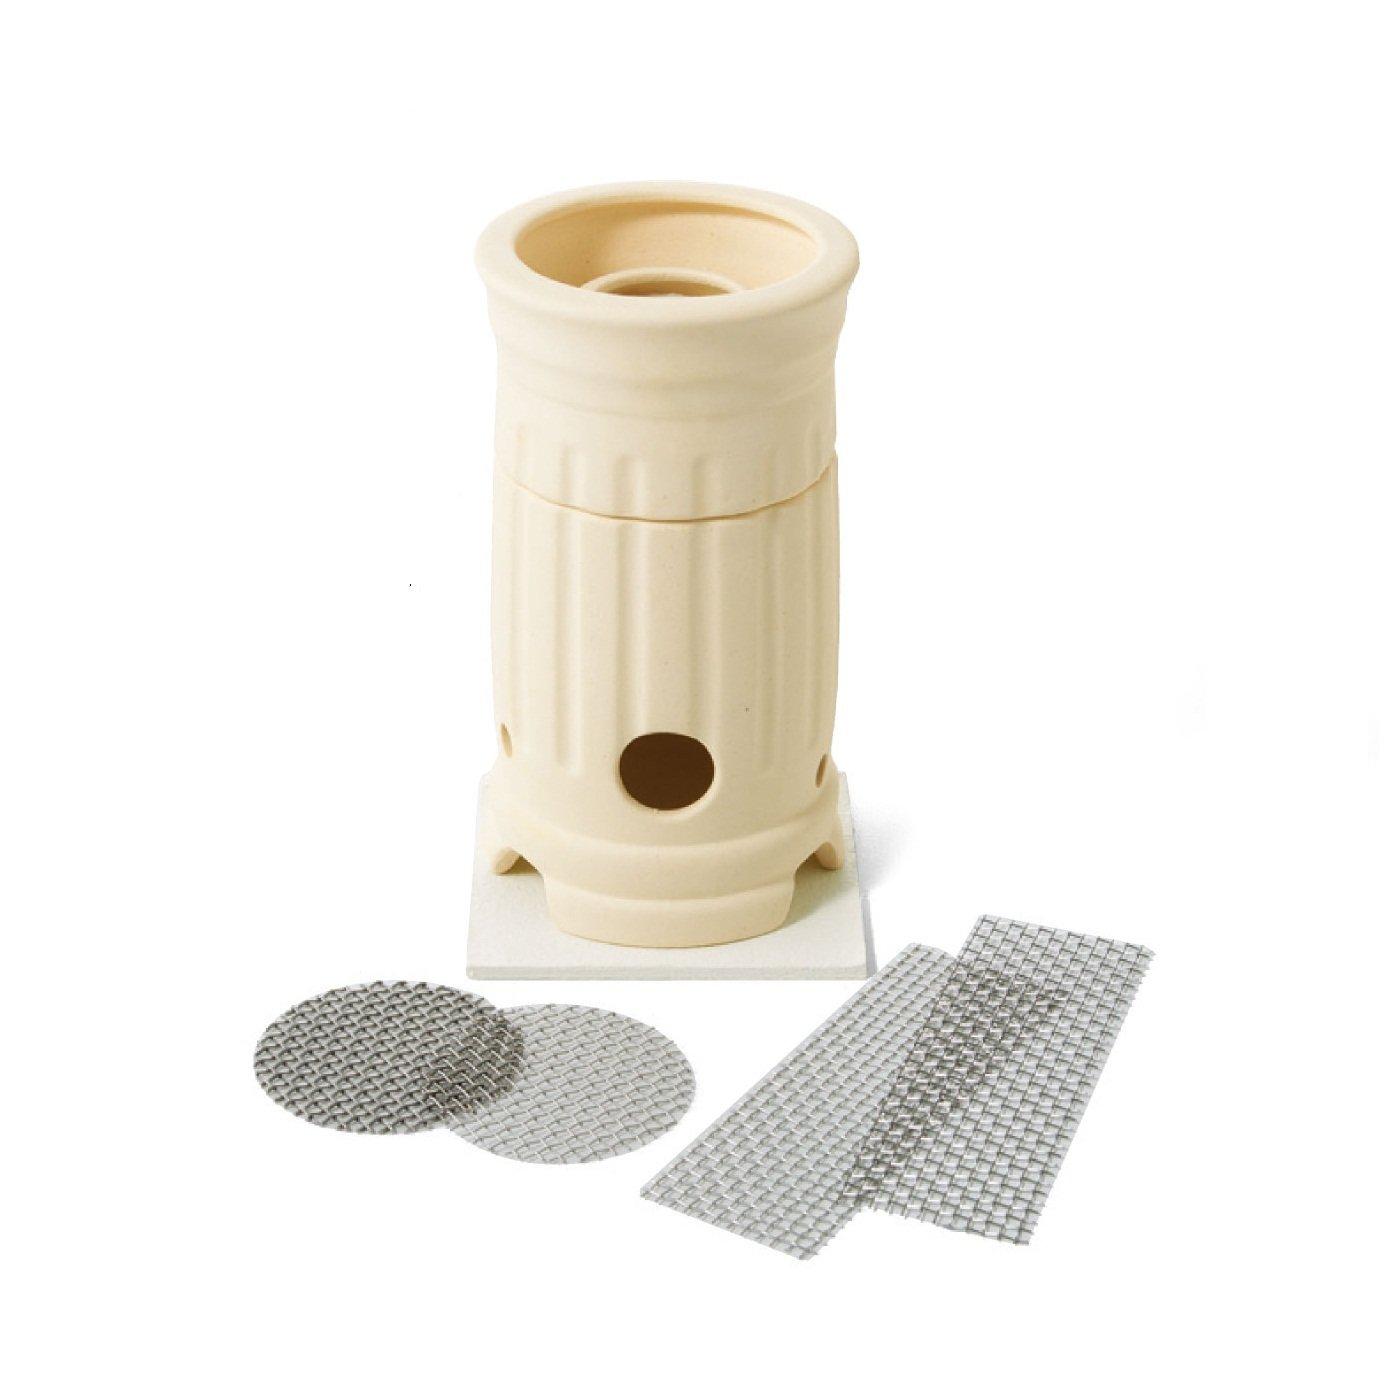 シルバークレイアクセサリーを楽しむ  PMC銀粘土専用 焼成ポット